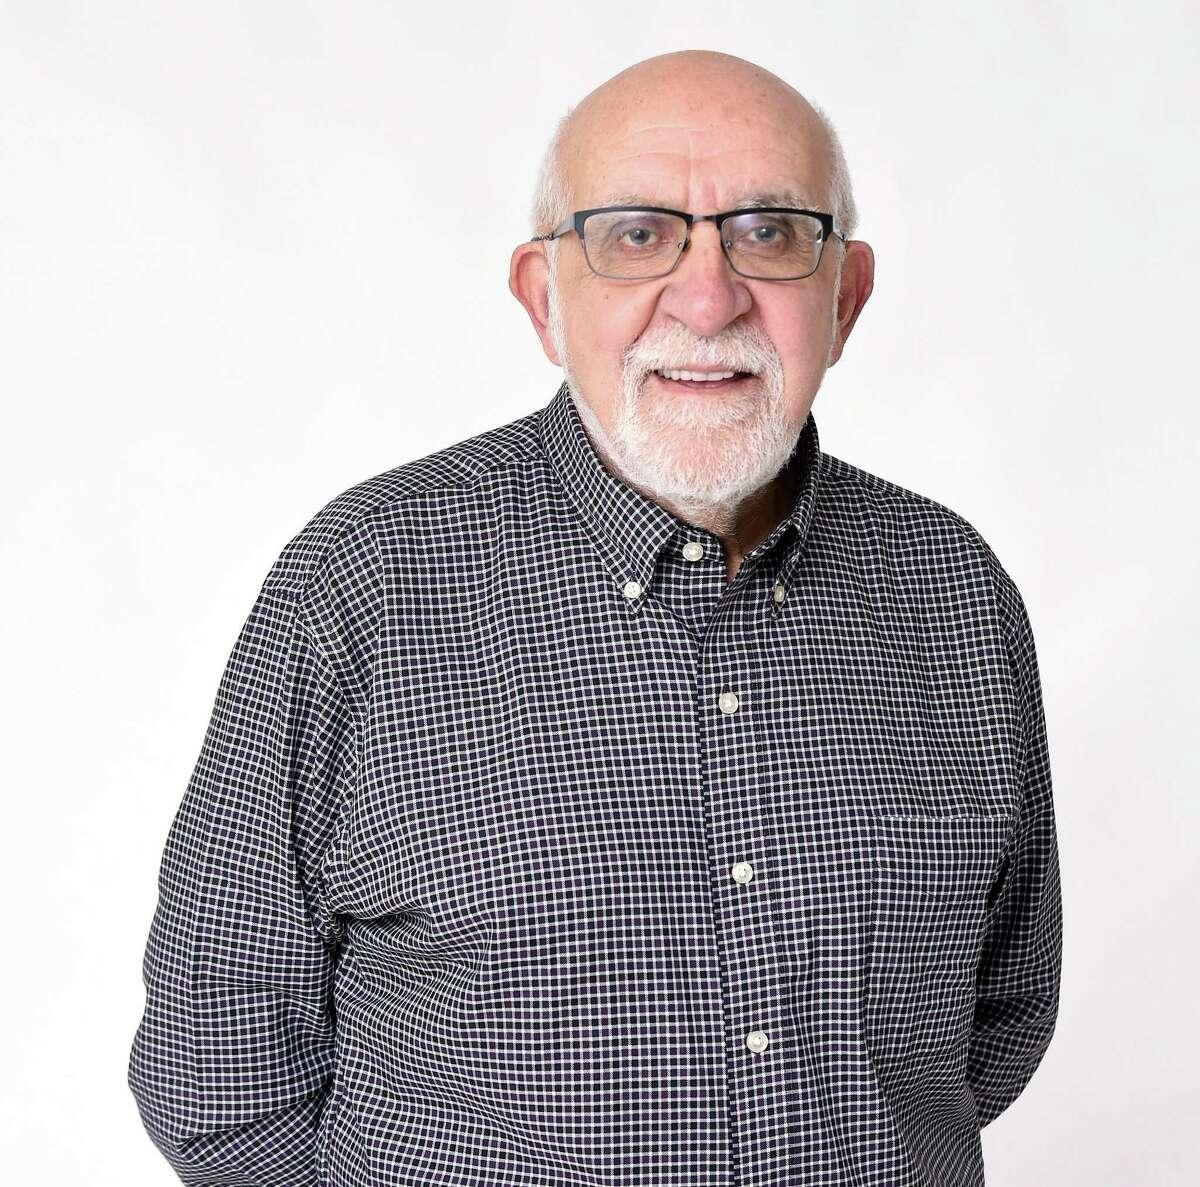 Frank Carrano